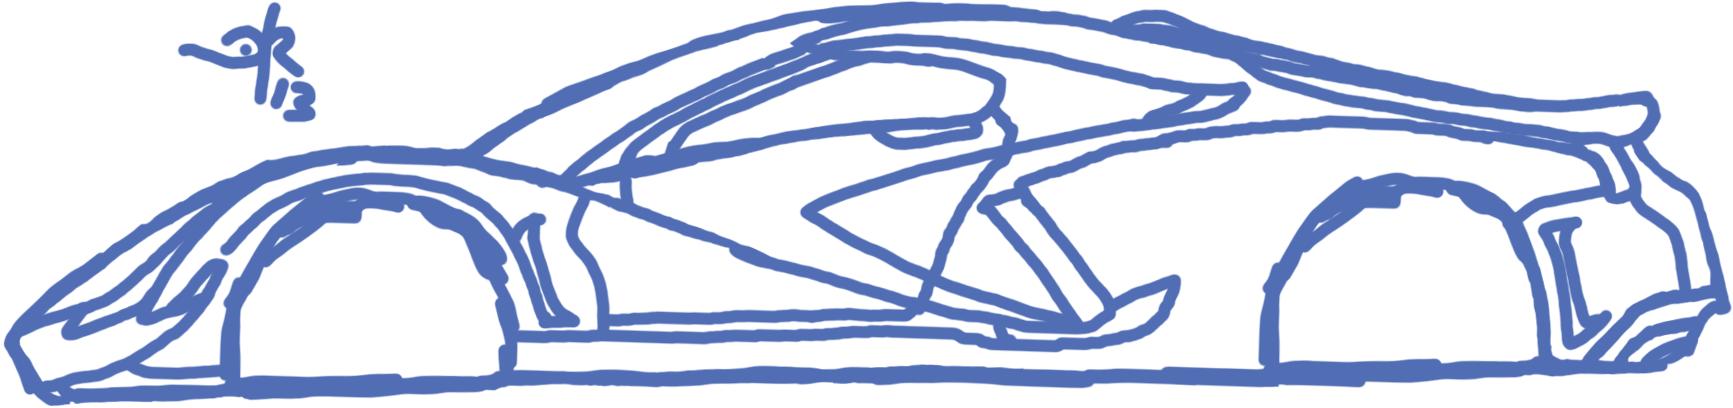 Supercar Sketch By Darkaiz On Deviantart